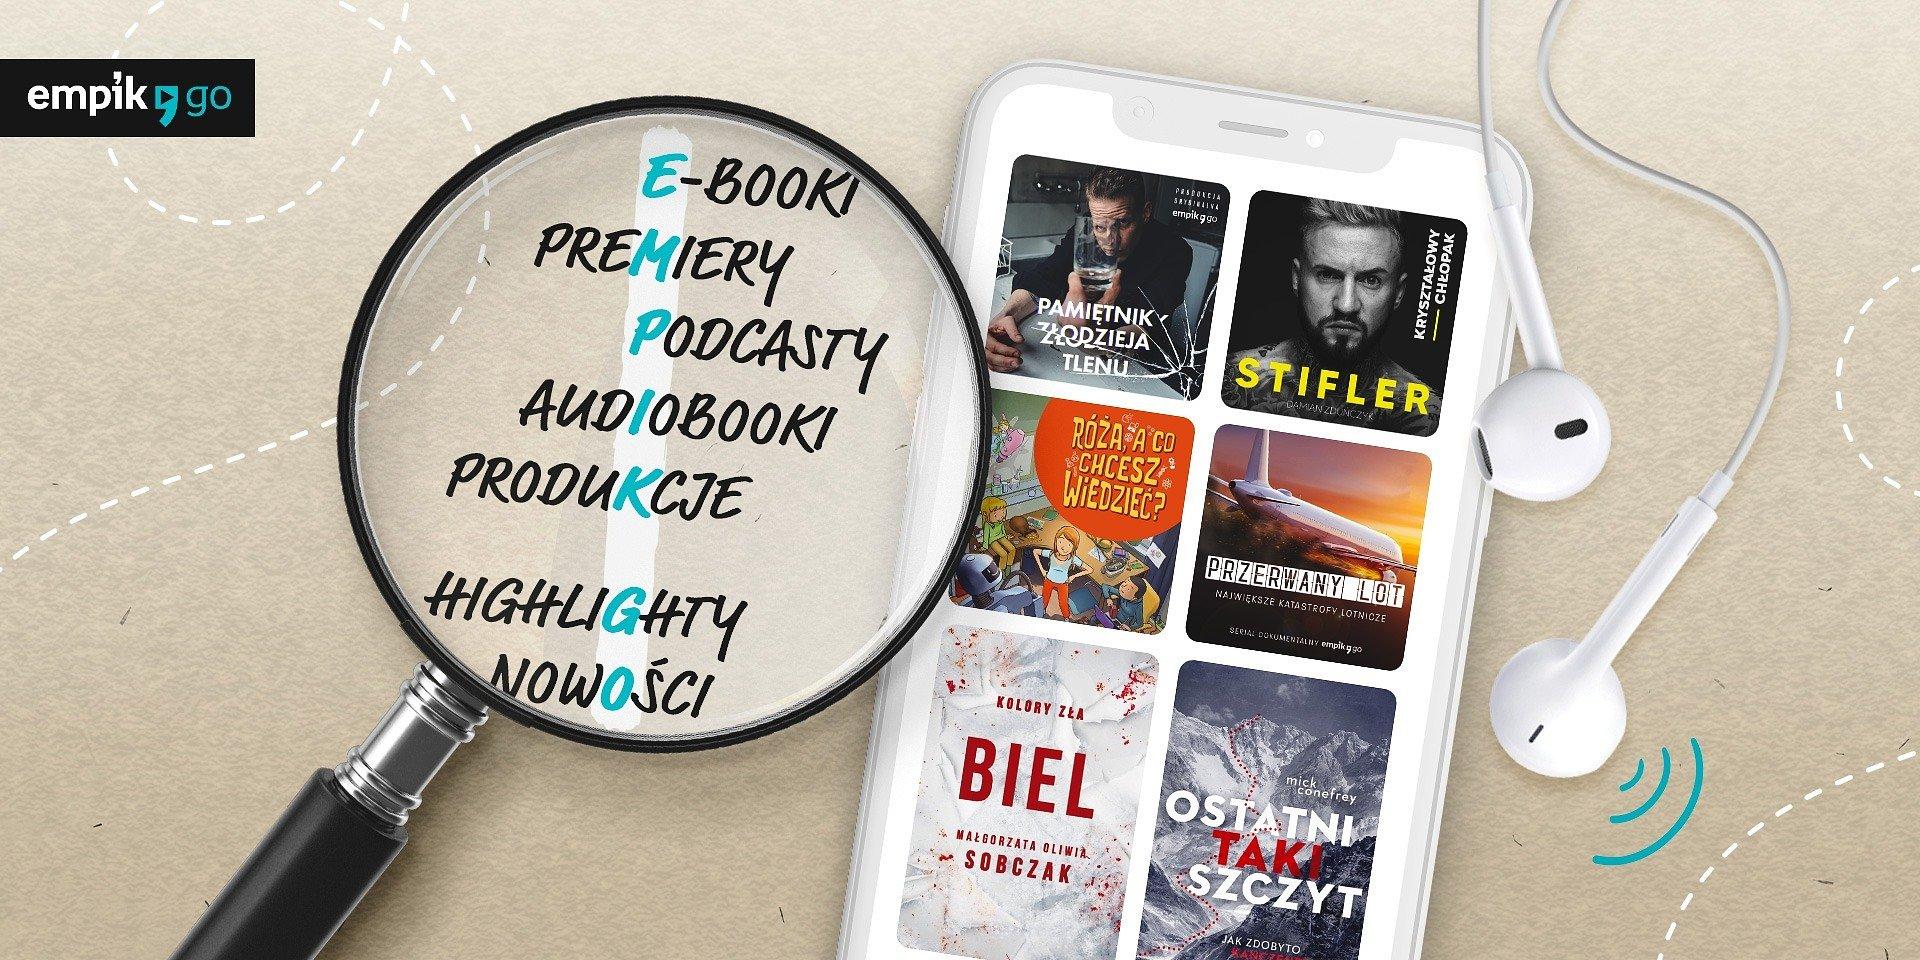 Przegląd topowych audiobooków, podcastów i e-booków w Empik Go